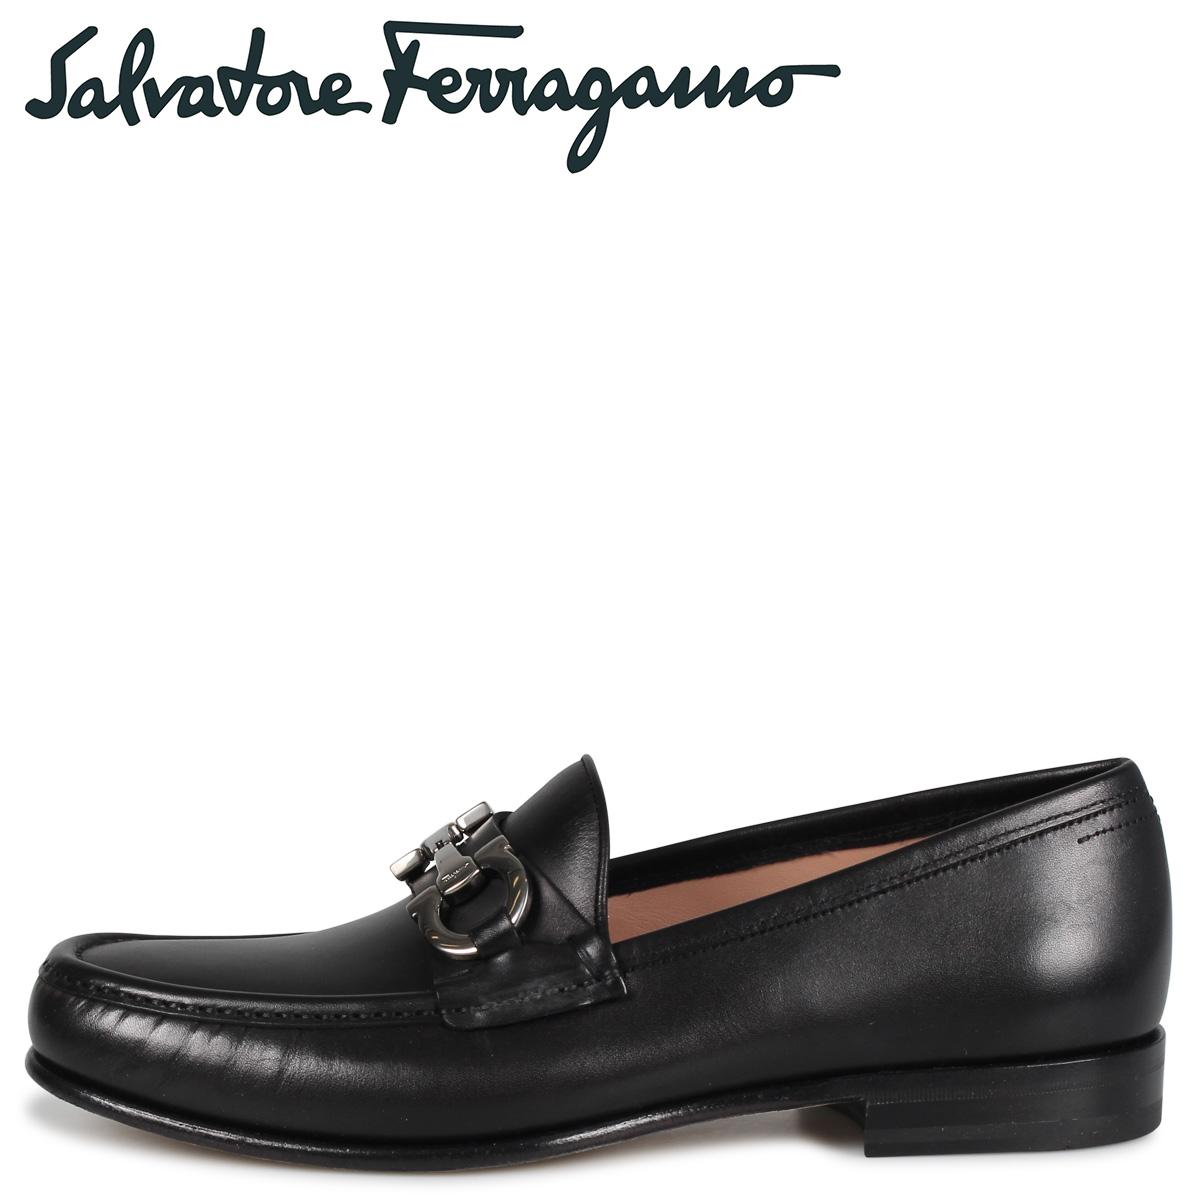 フェラガモ メンズ Salvatore Ferragamo ビットローファー モカシン シューズ BOND ブラック 黒 E 02B192 696001